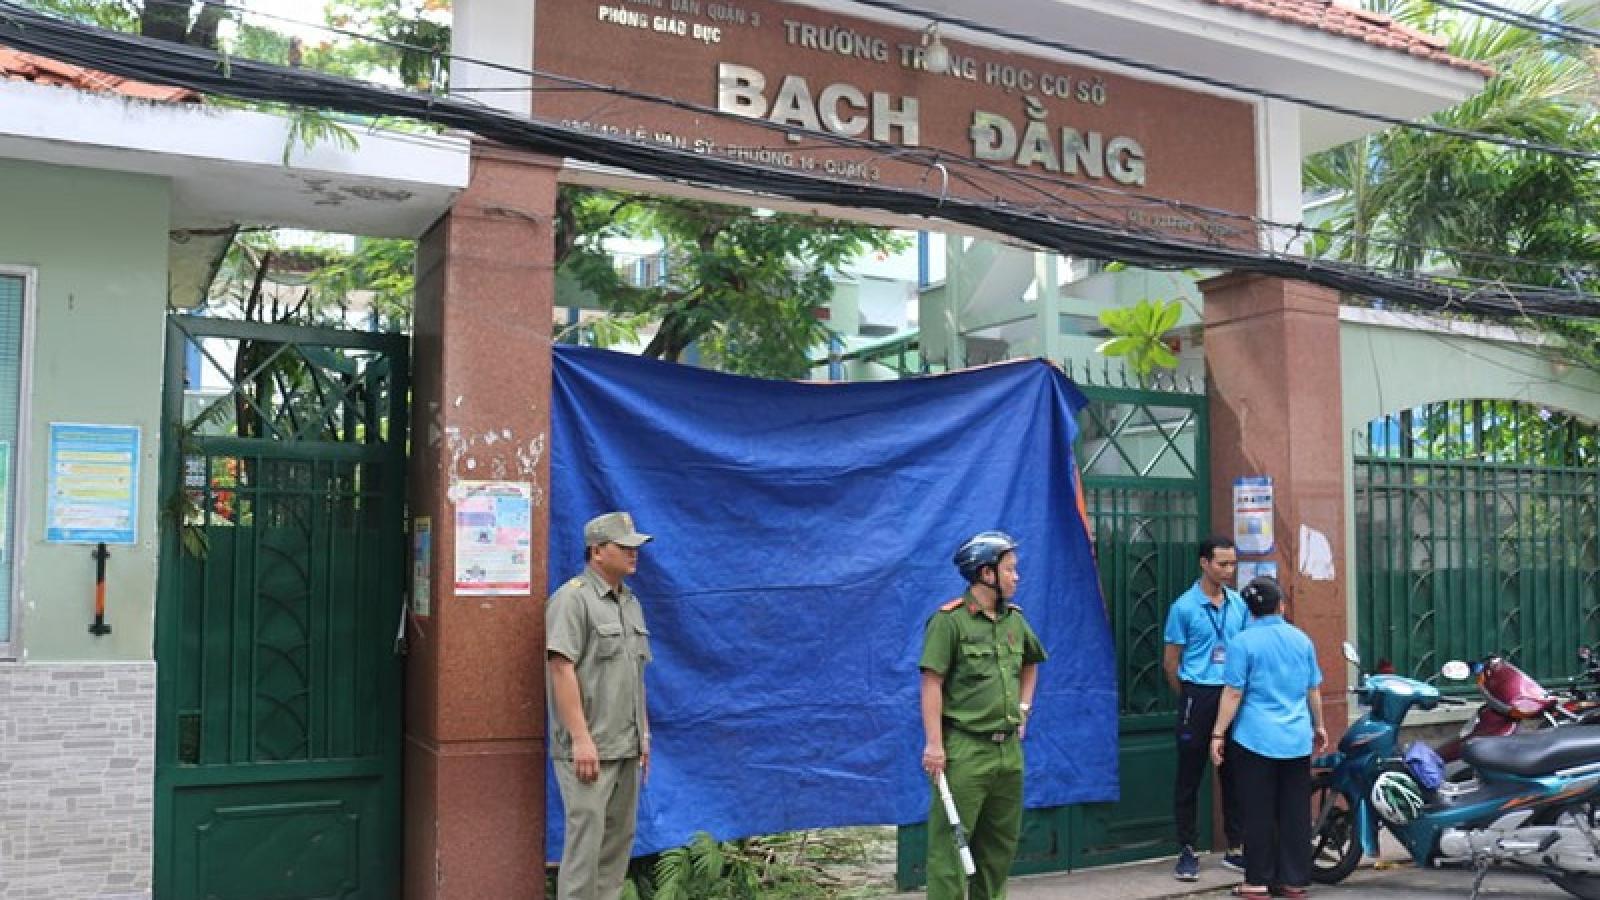 Cây trong trường đổ đè nhiều học sinh ở TP HCM: Một em đã tử vong